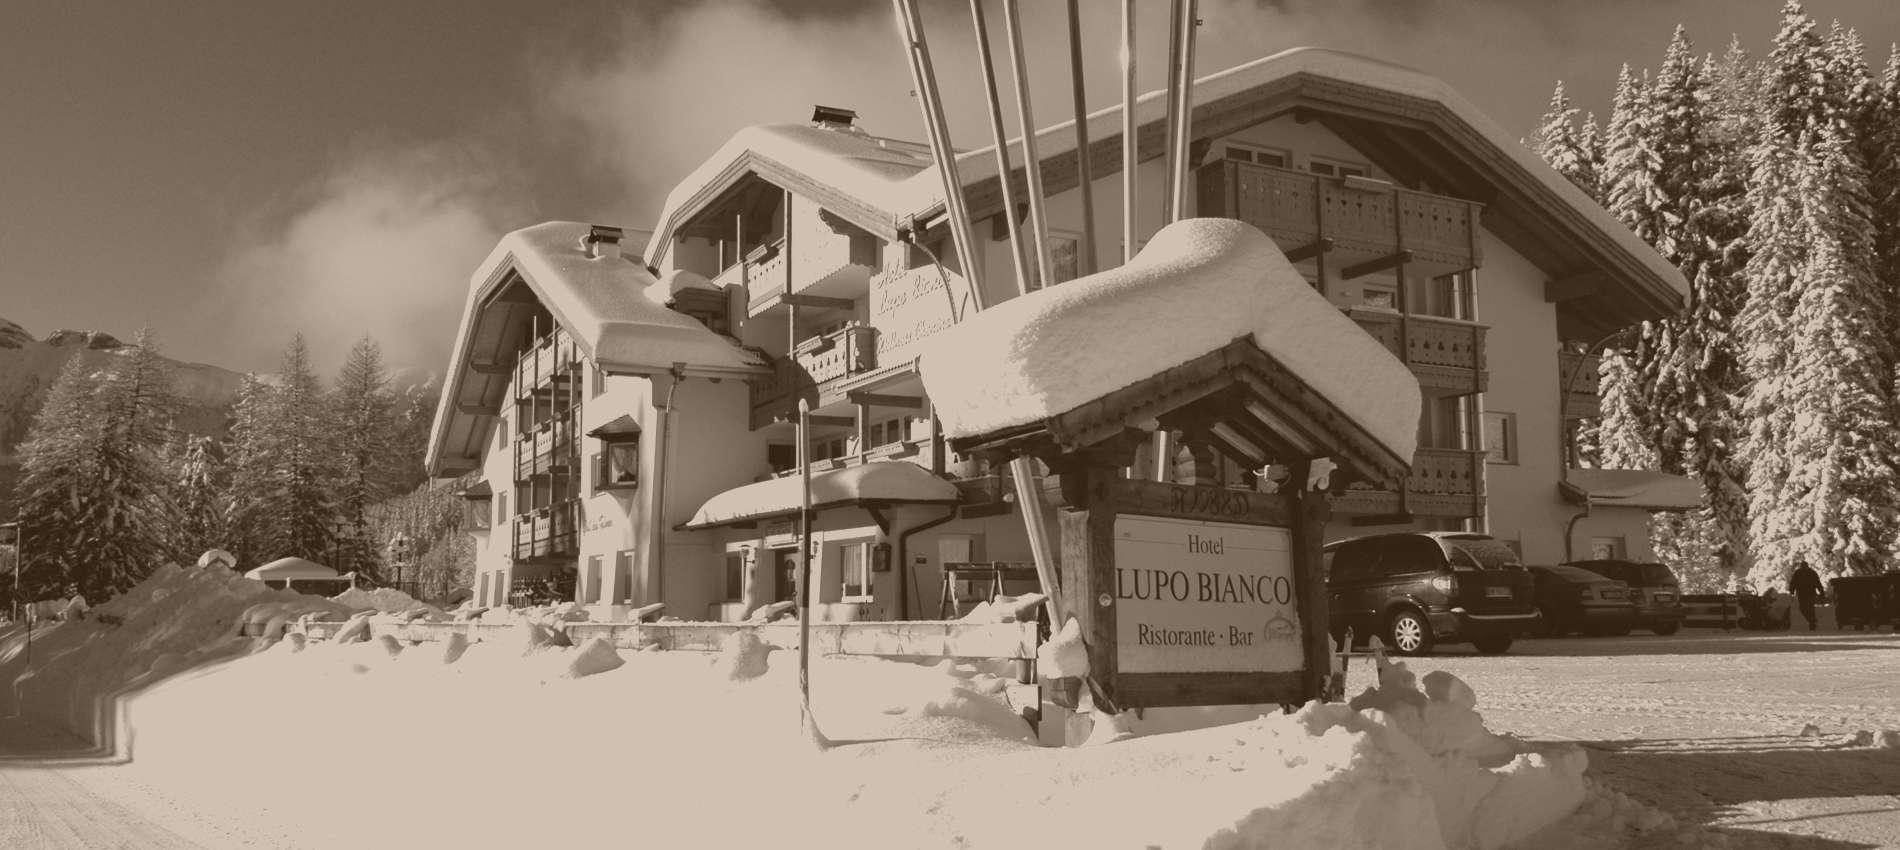 Hotel Lupo Bianco, Canazei: servizi completi e mezza pensione